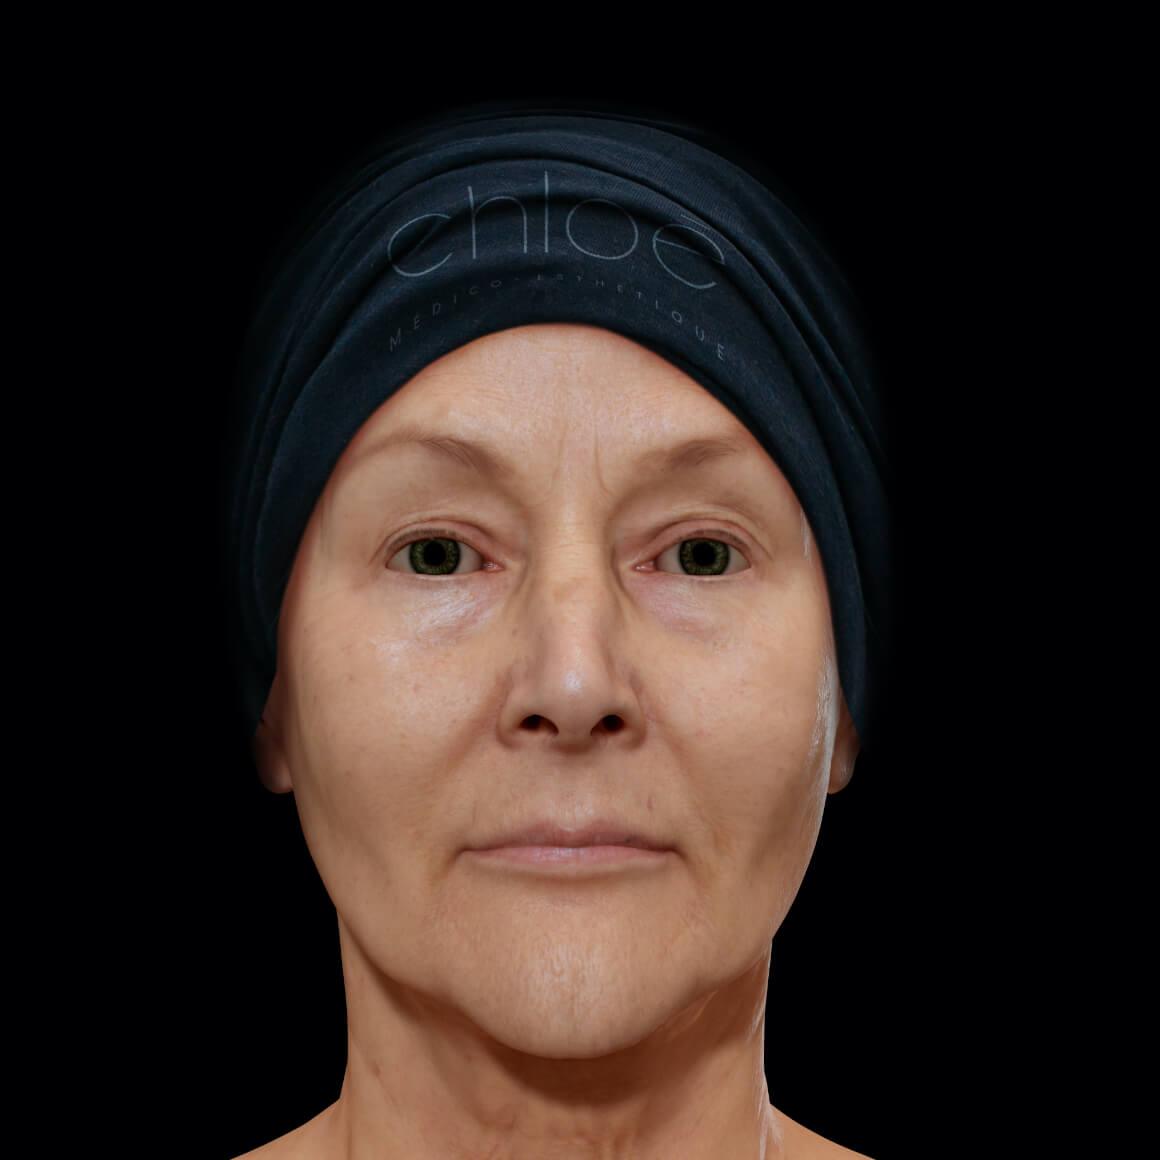 Patiente de la Clinique Chloé de face après des traitements de photorajeunissement IPL contre les taches pigmentaires